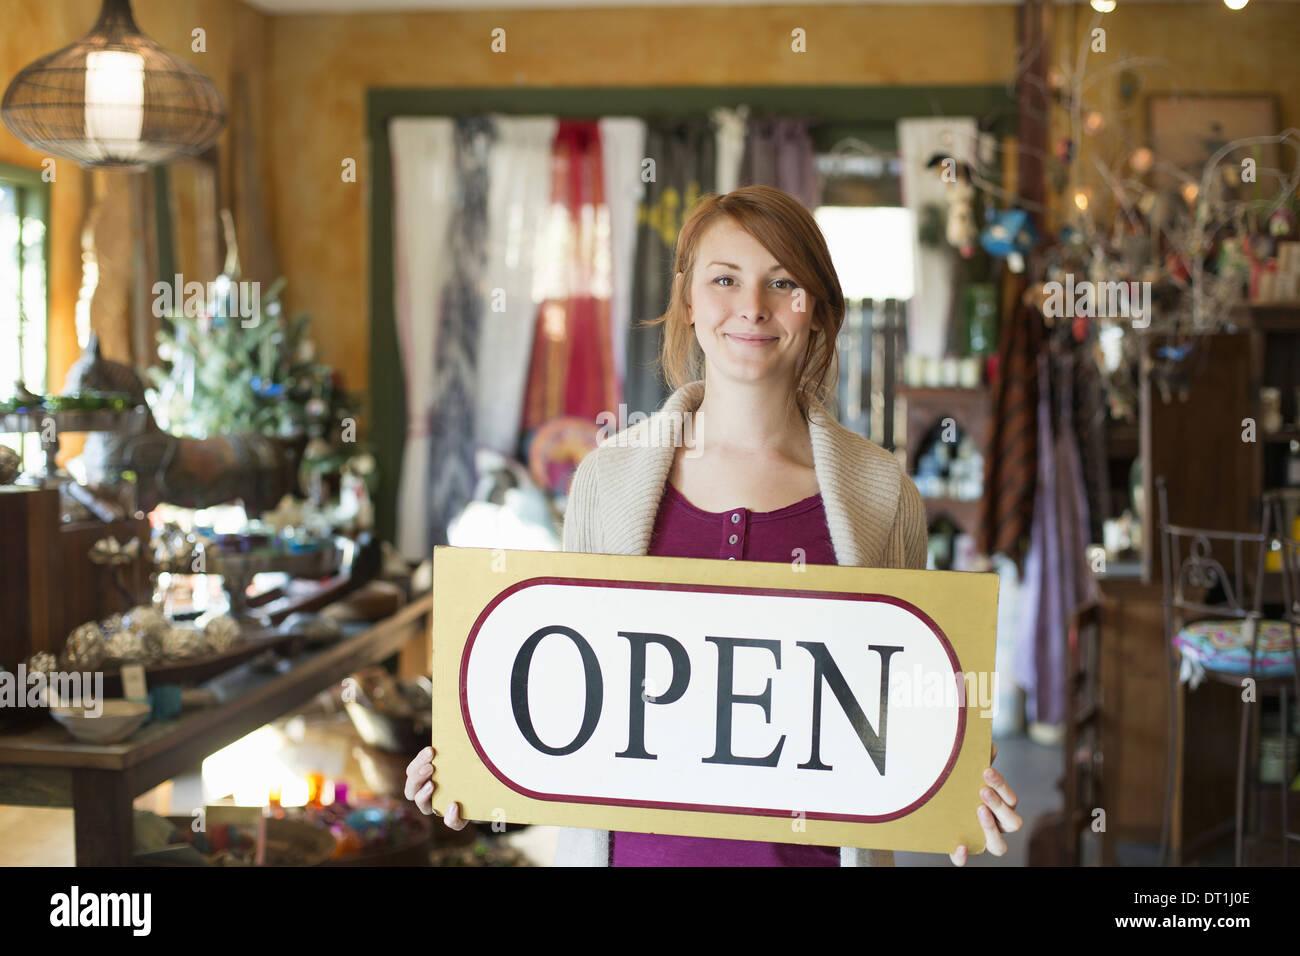 Una mujer de pie en una tienda de antigüedades mantiene abierta una muestra signos de bienes todos a su alrededor. Imagen De Stock